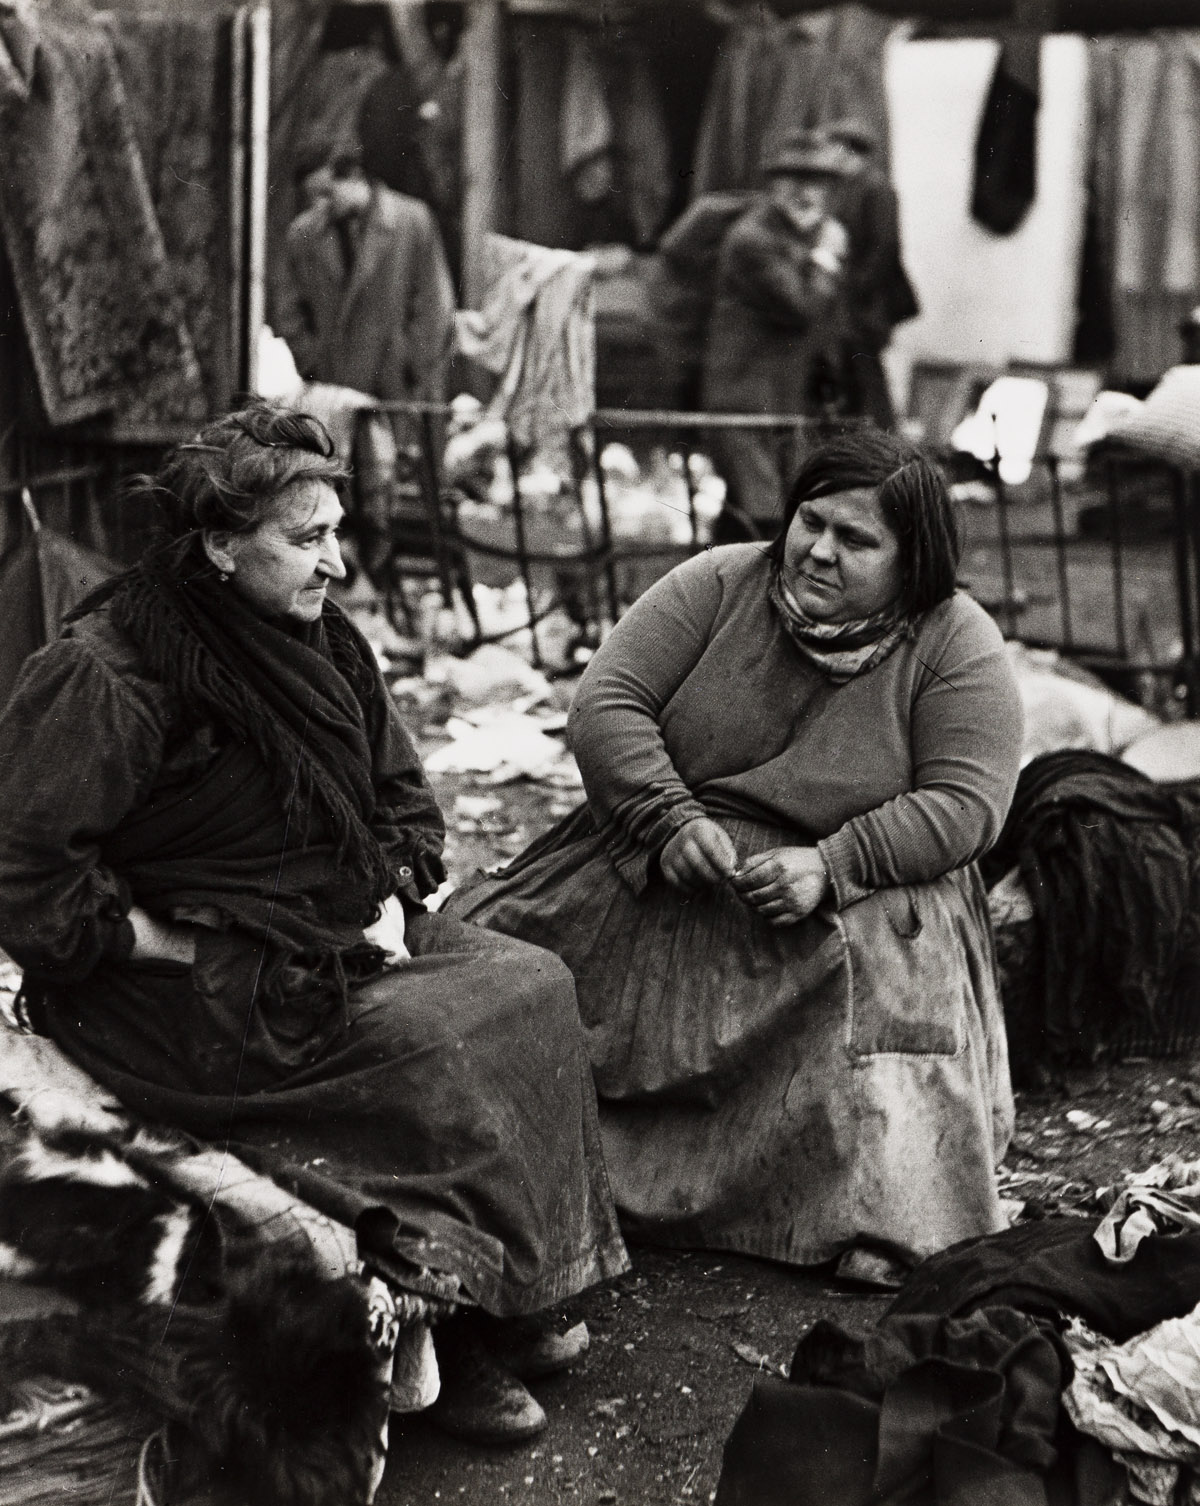 ANDRÉ KERTÉSZ (1894-1985) Two women talking in the flea market.